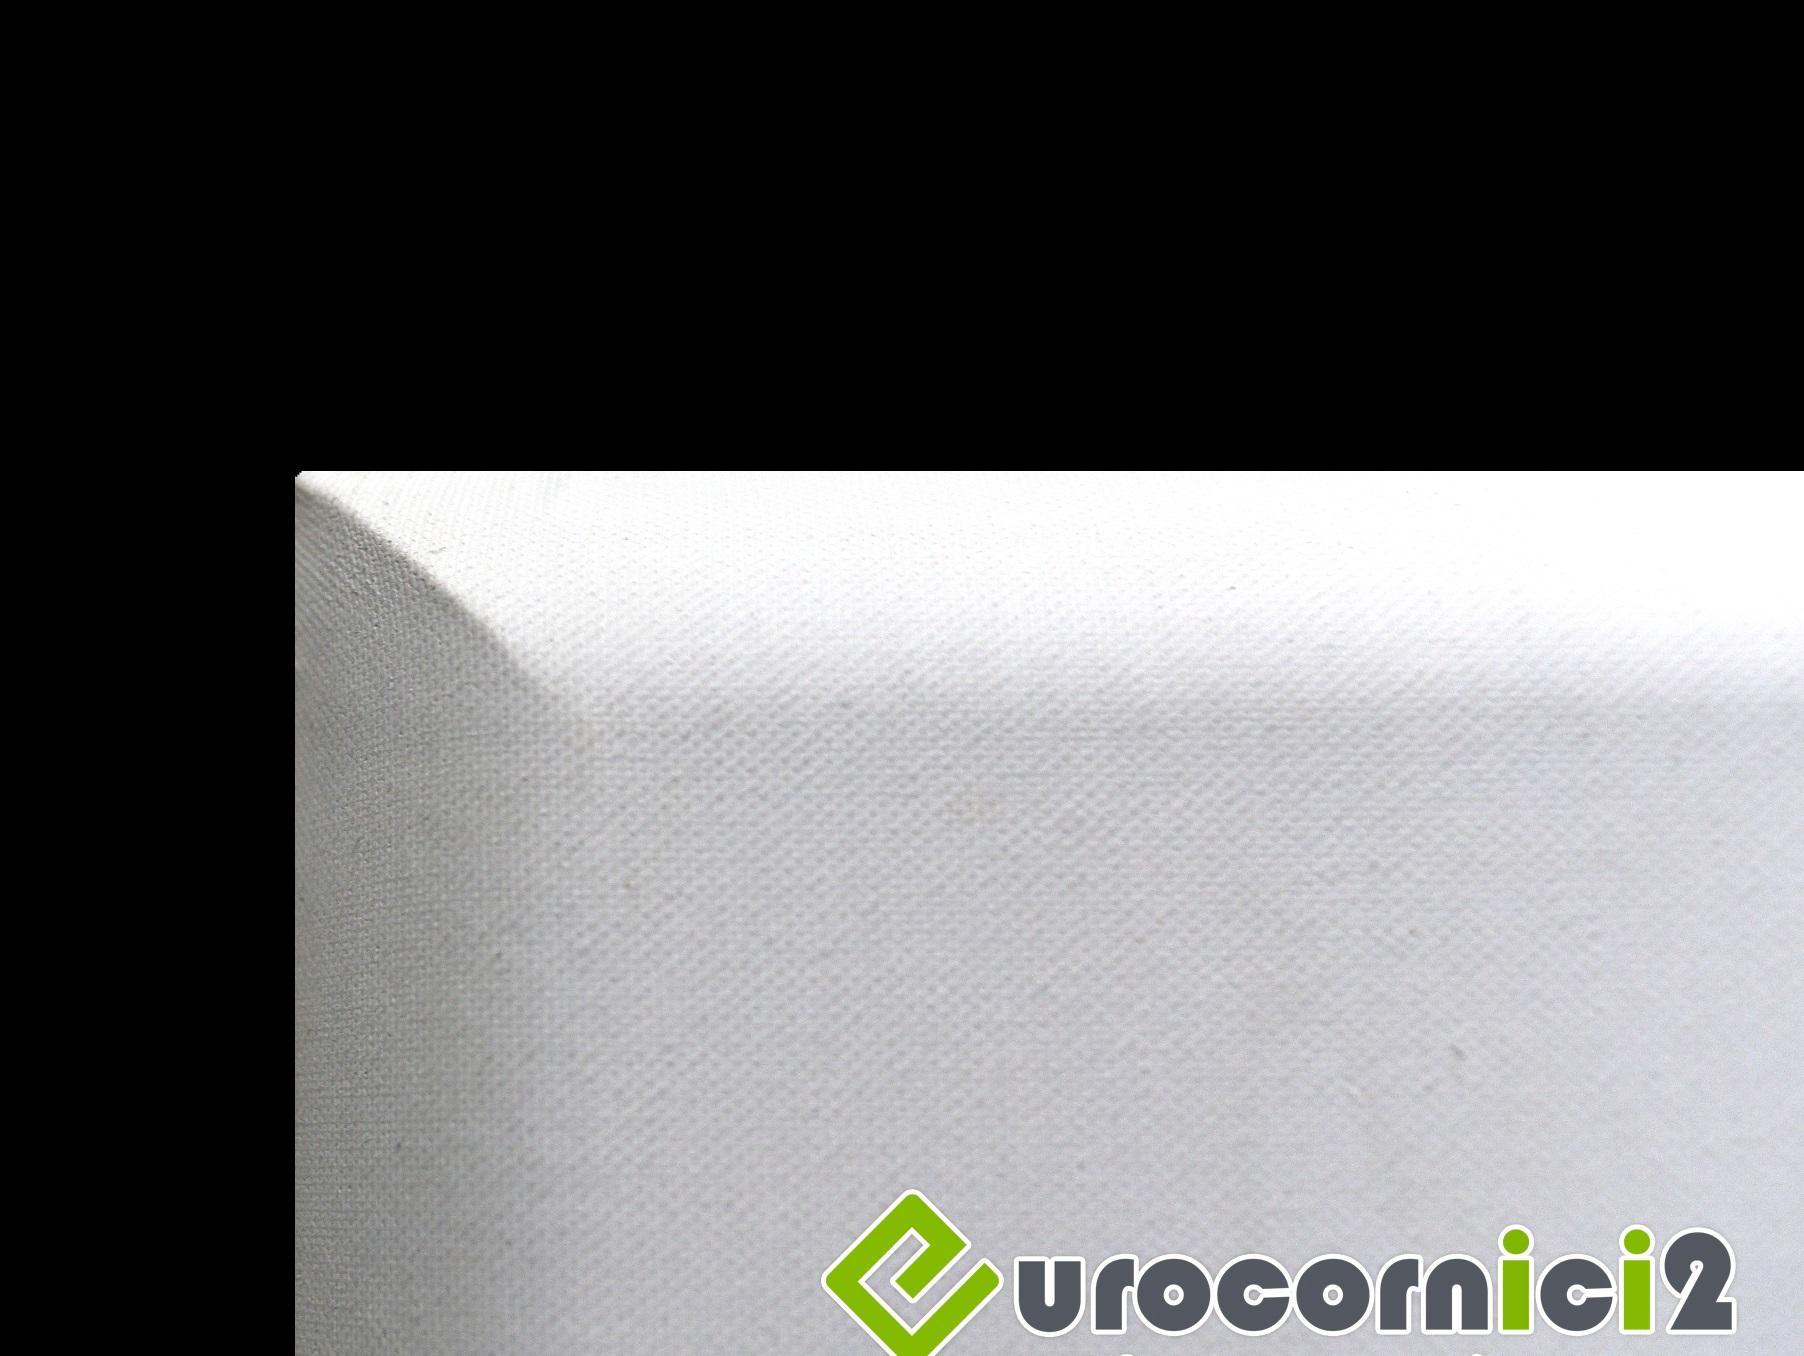 Tele con profili curvi per dipingere in Puro lino  - profilo telaio 4 cm